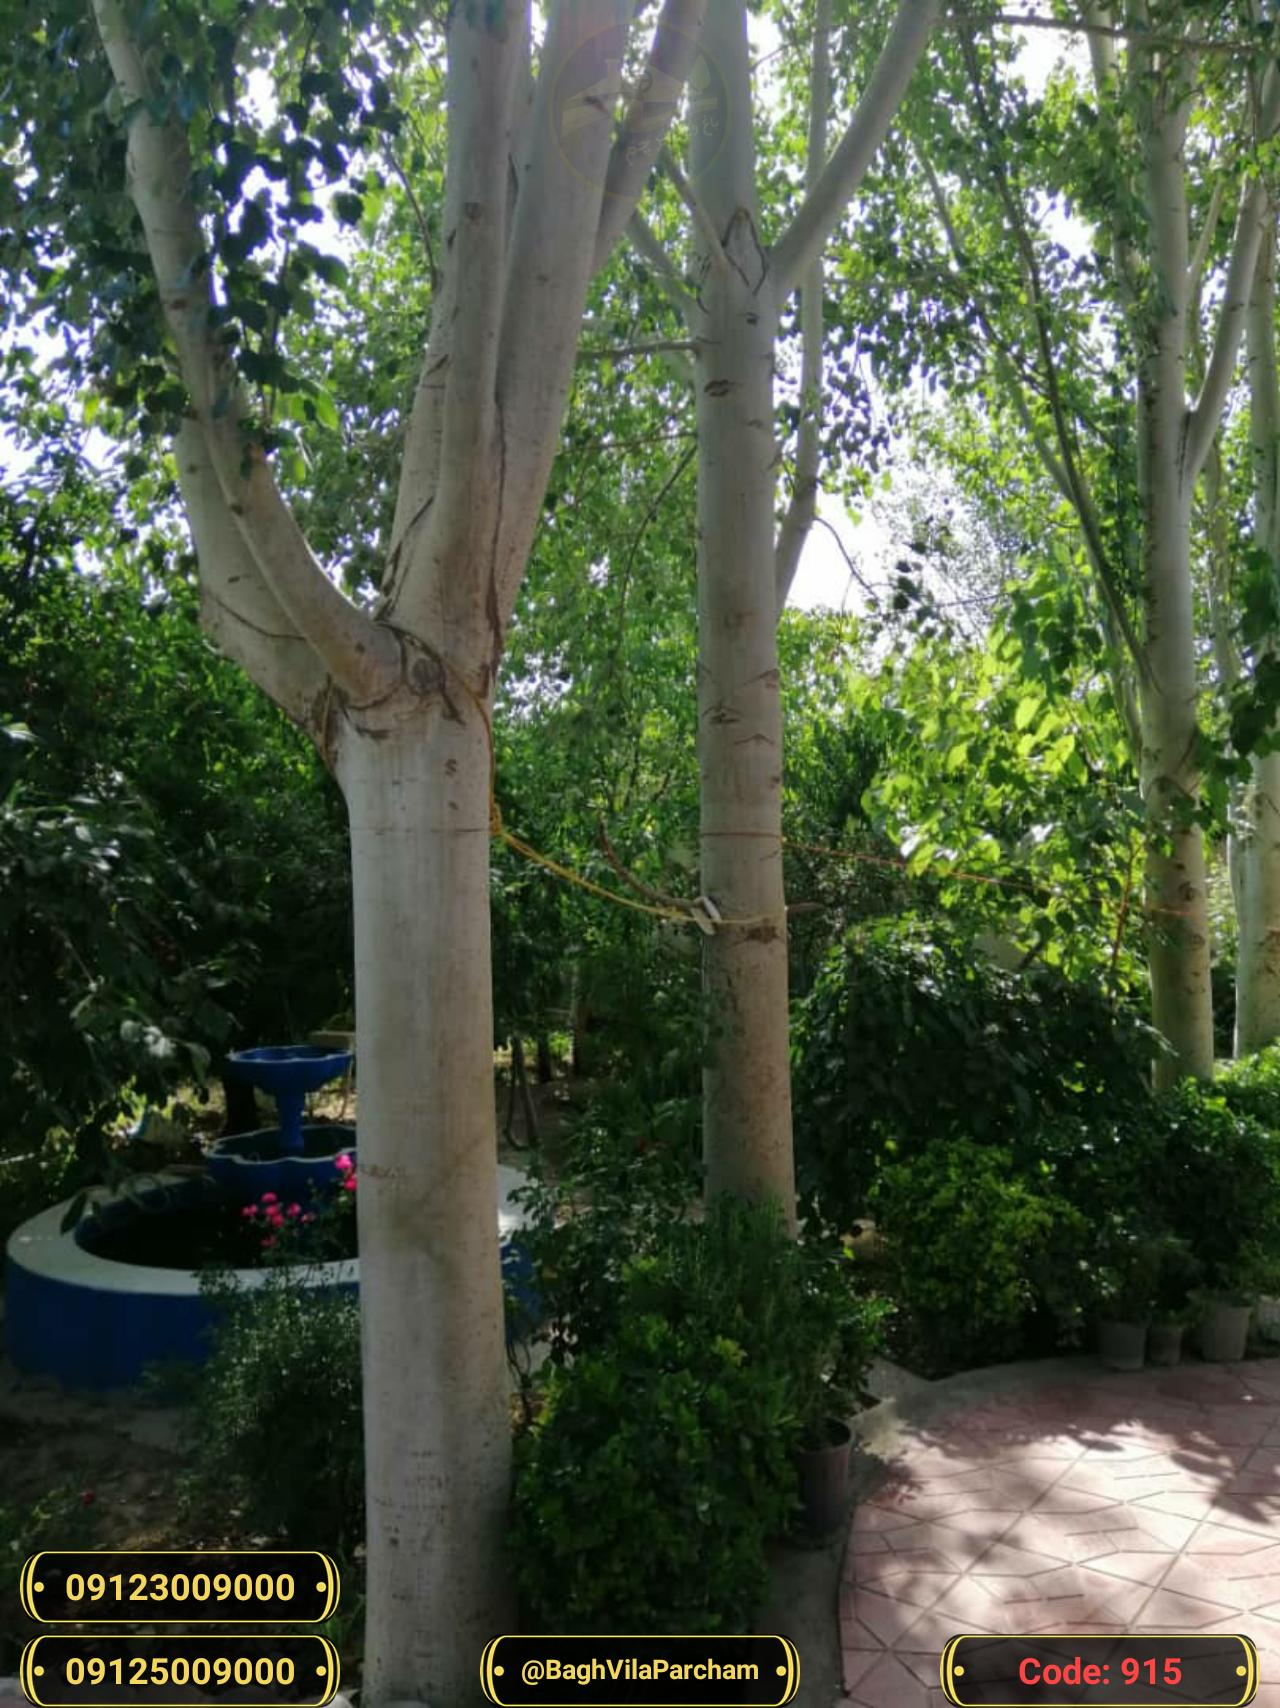 تصویر عکس باغ ویلا شماره 14 از ویلای ۵۶۵۰ متر ویلا کلاسیک تریبلکس Picture photo image 14 of ۵۶۵۰ متر ویلا کلاسیک تریبلکس